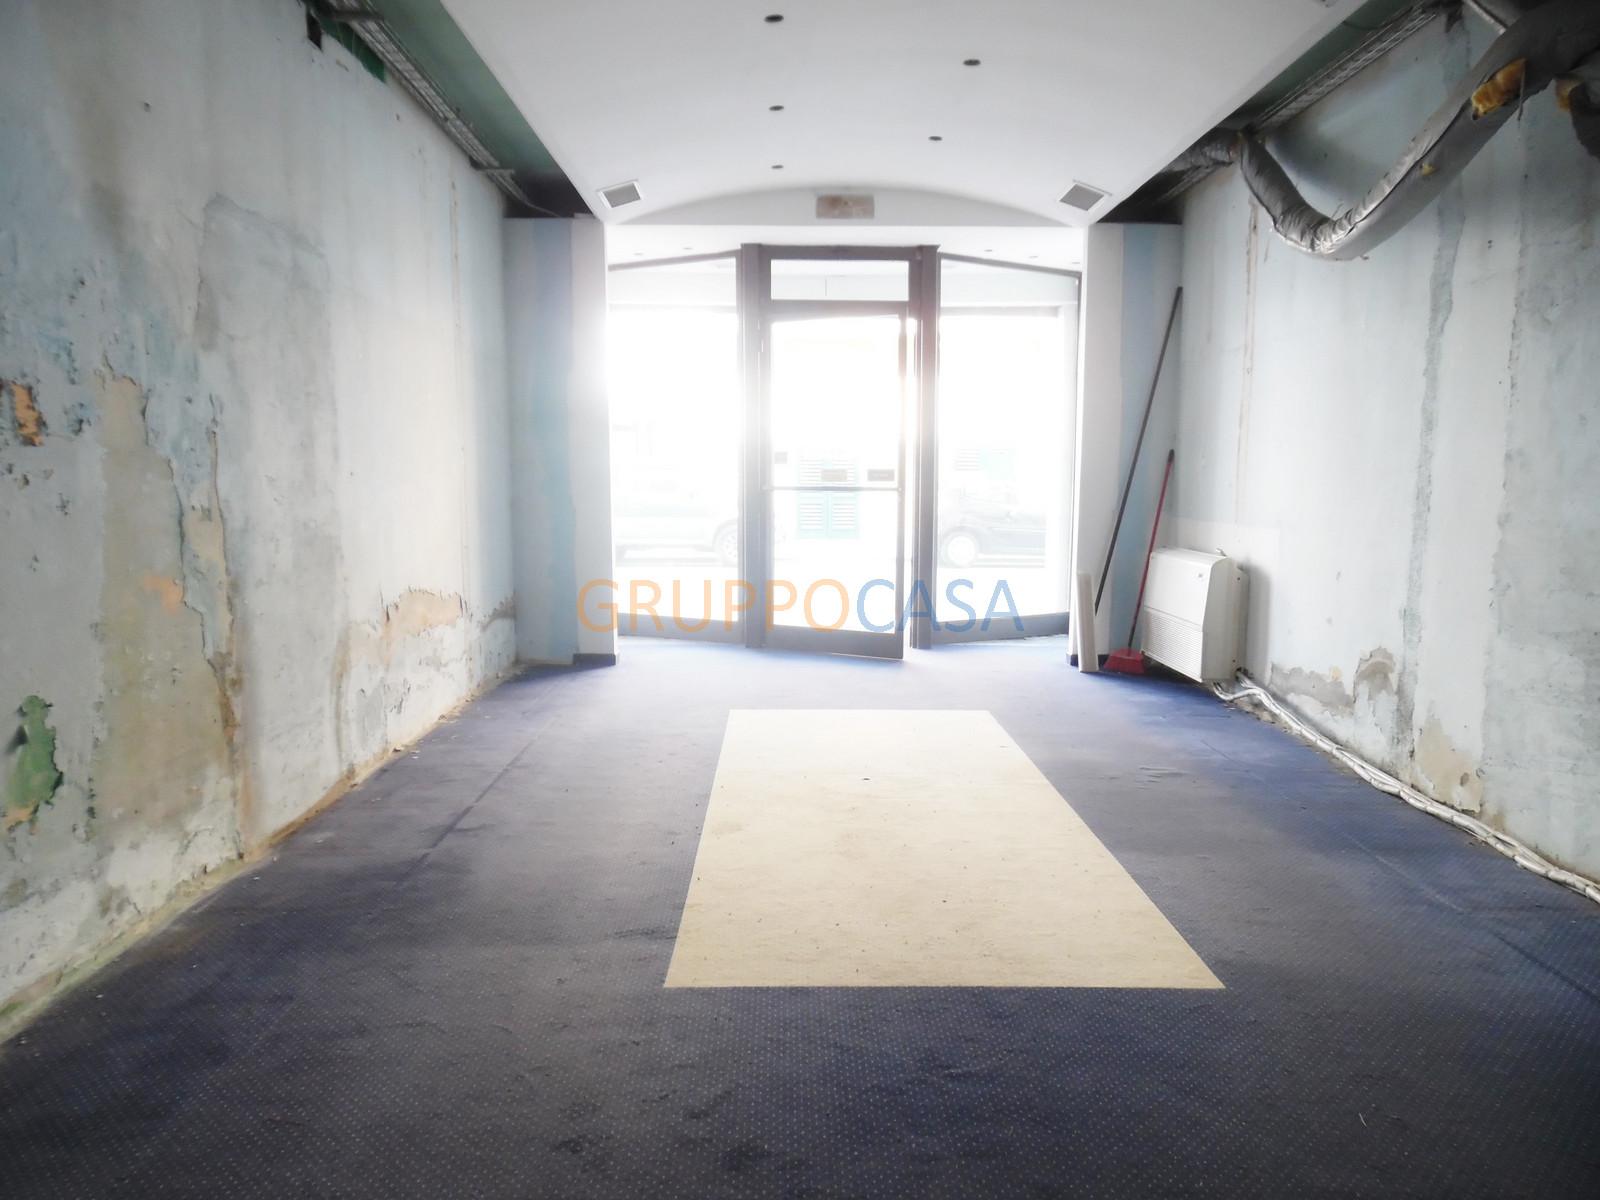 Negozio / Locale in affitto a Chiesina Uzzanese, 9999 locali, zona Località: Centro, prezzo € 300 | Cambio Casa.it